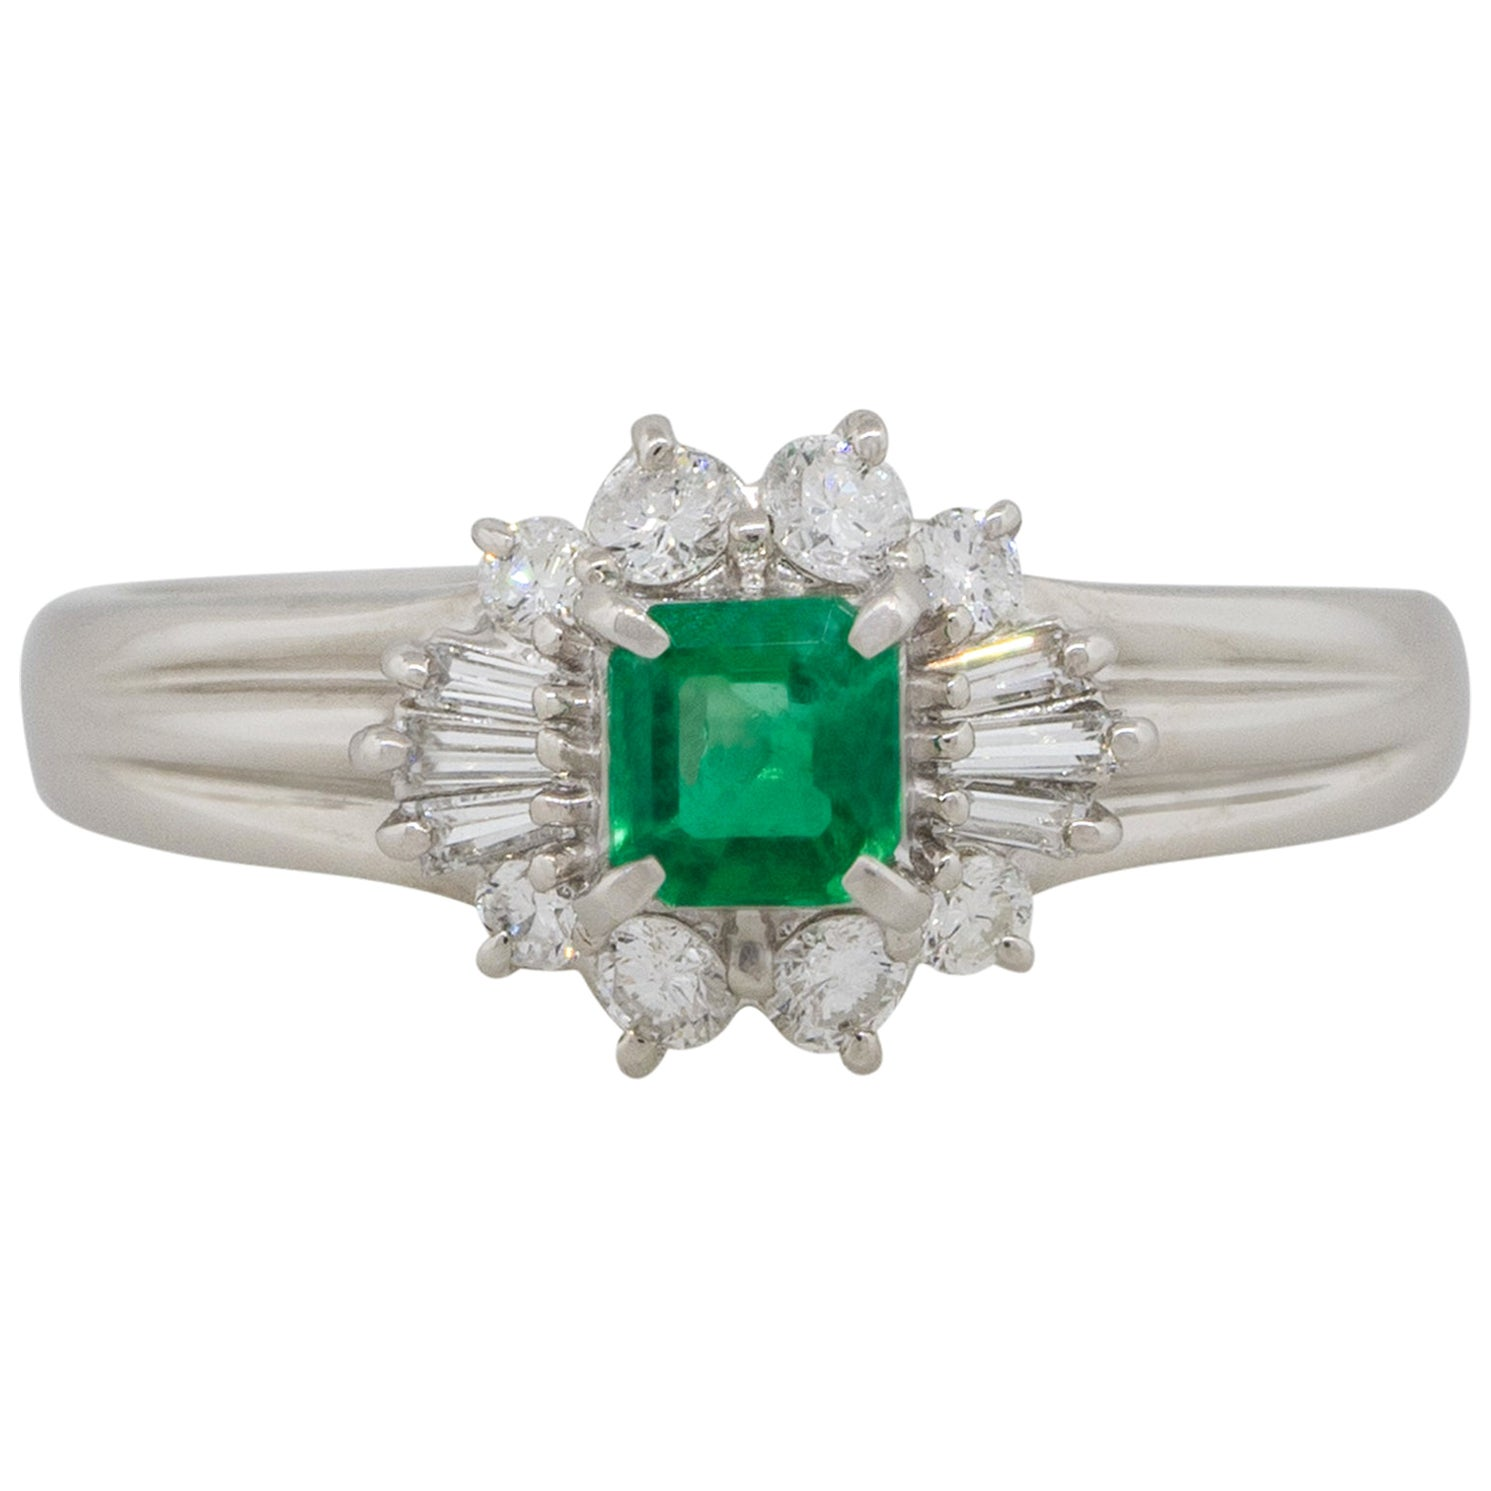 0.26 Carat Emerald Center Diamond Cocktail Ring Platinum in Stock